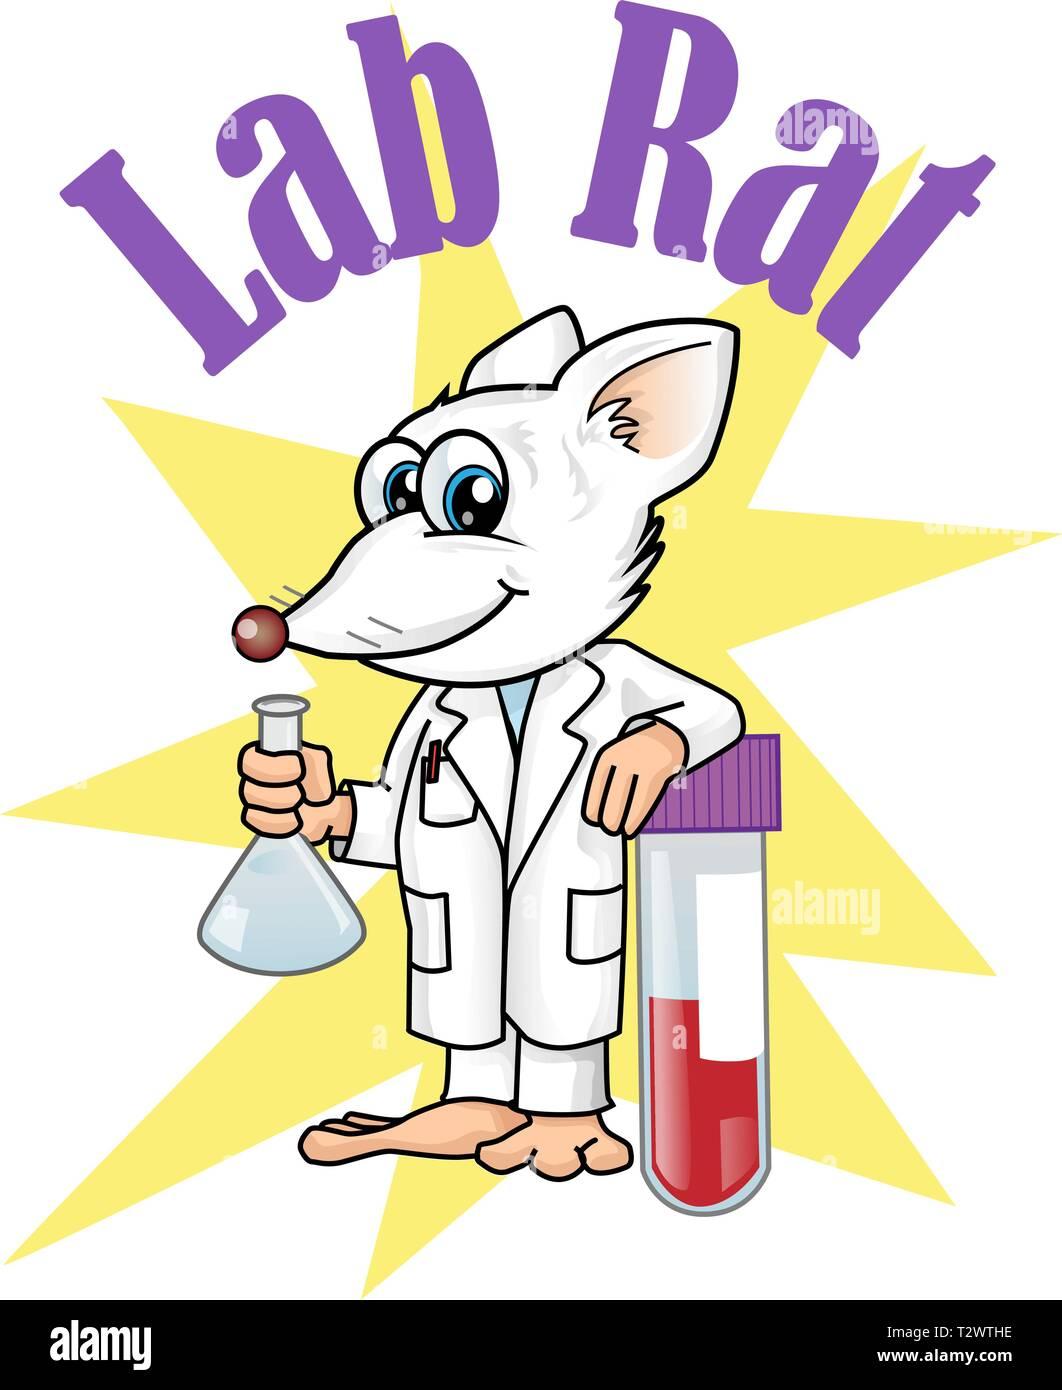 rat lab character cartoon. vetcor illustration - Stock Vector